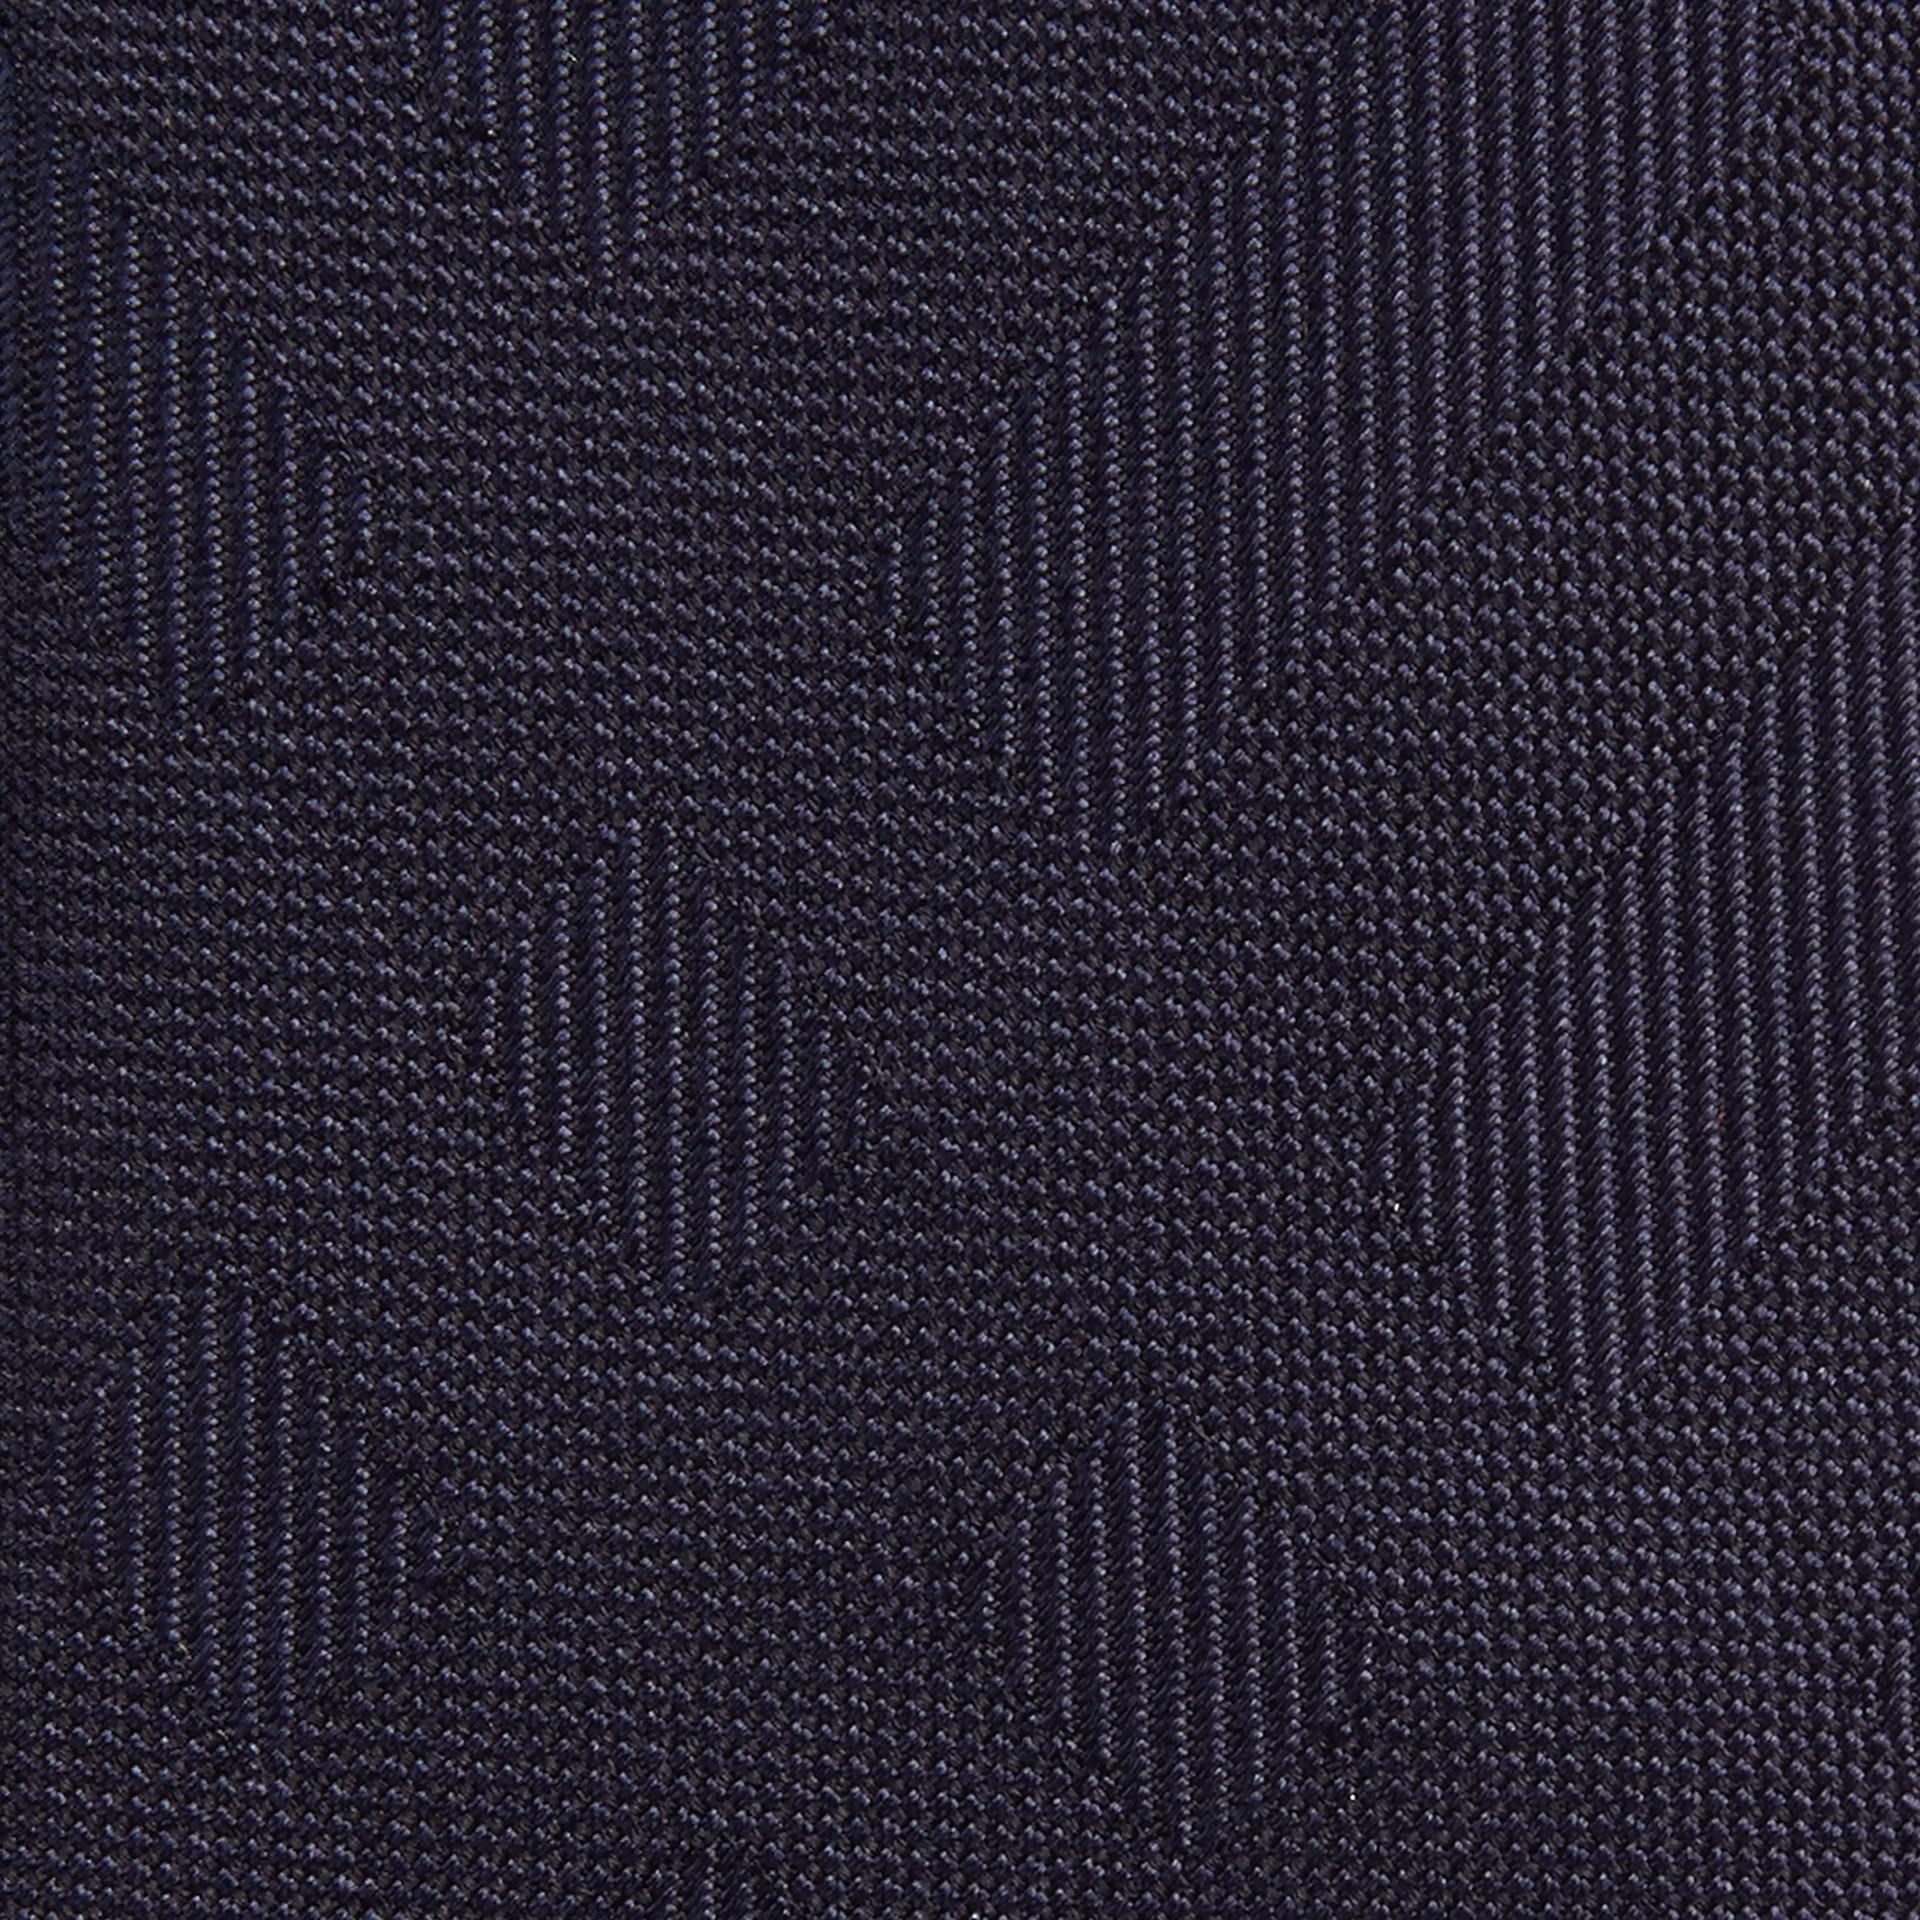 海軍藍 窄版格紋絲質領帶 海軍藍 - 圖庫照片 2